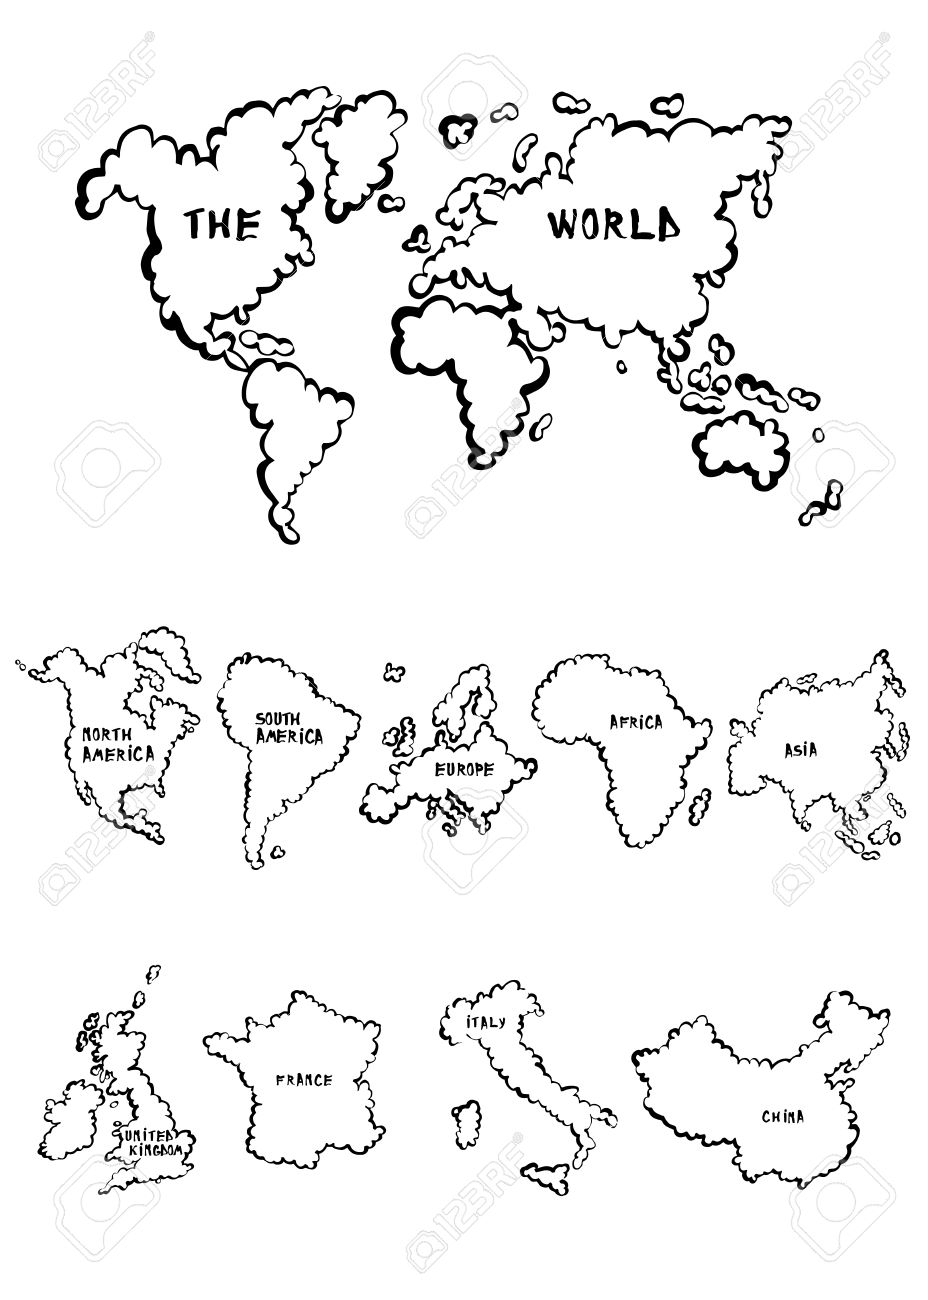 Dibujo Mapa Del Mundo Continentes.Mapas De Dibujos Animados De Recogida Que Incluyen Un Mapa Del Mundo Una Seleccion De Los Continentes Y Paises